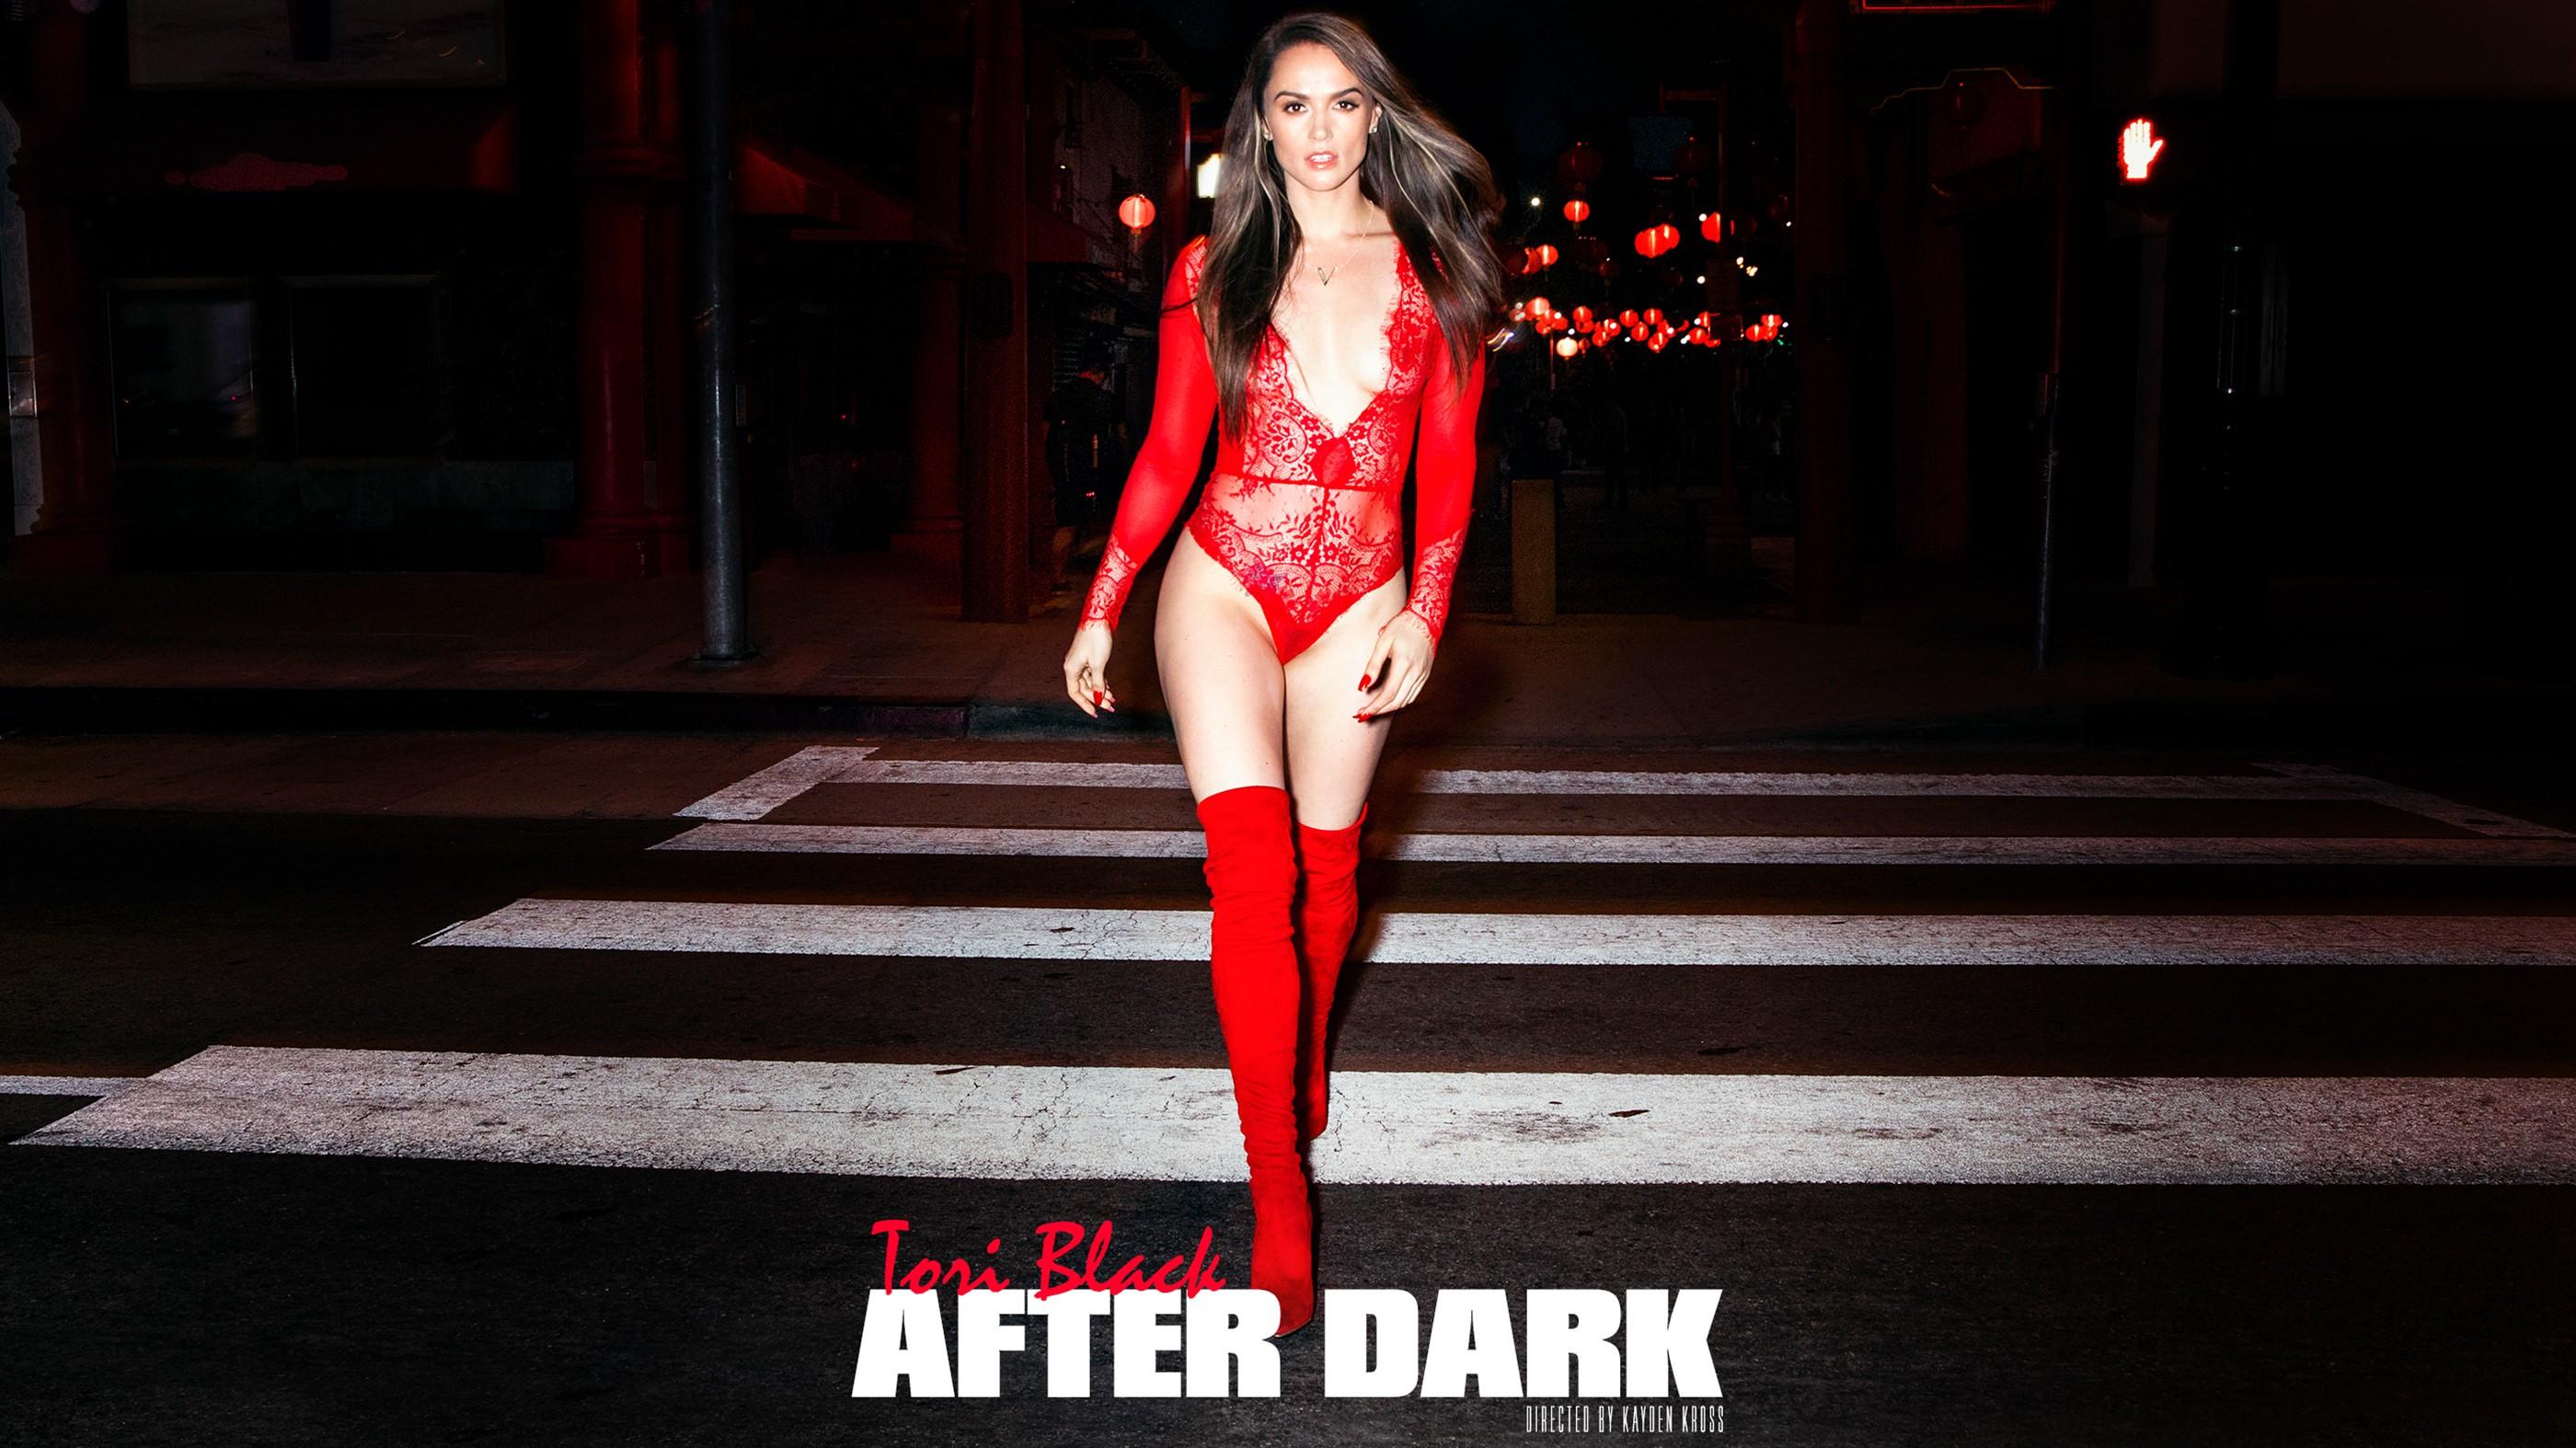 After Dark Part 1